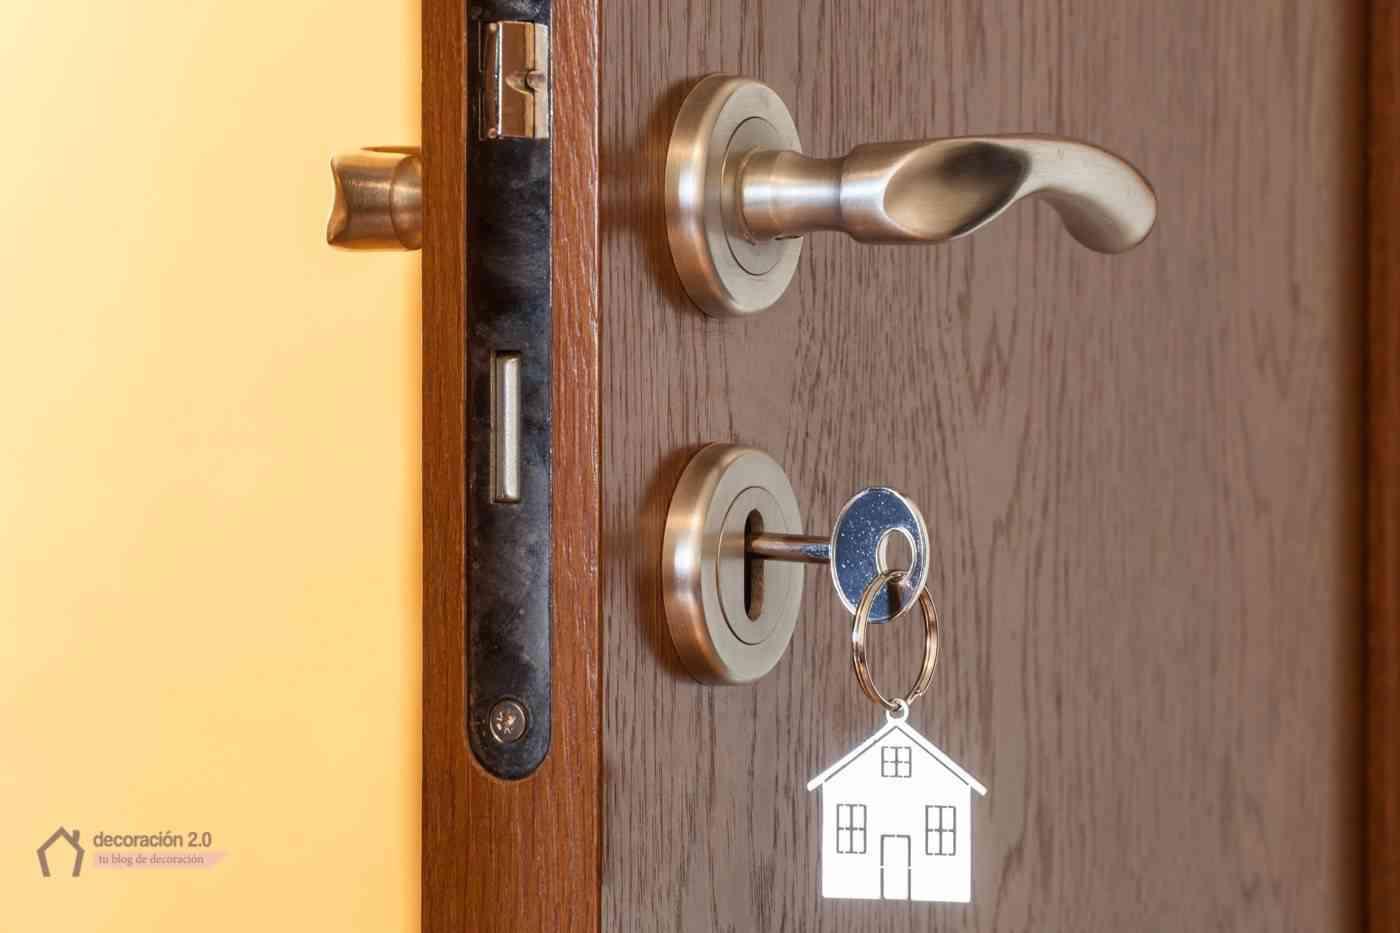 cerraduras para puertas 2